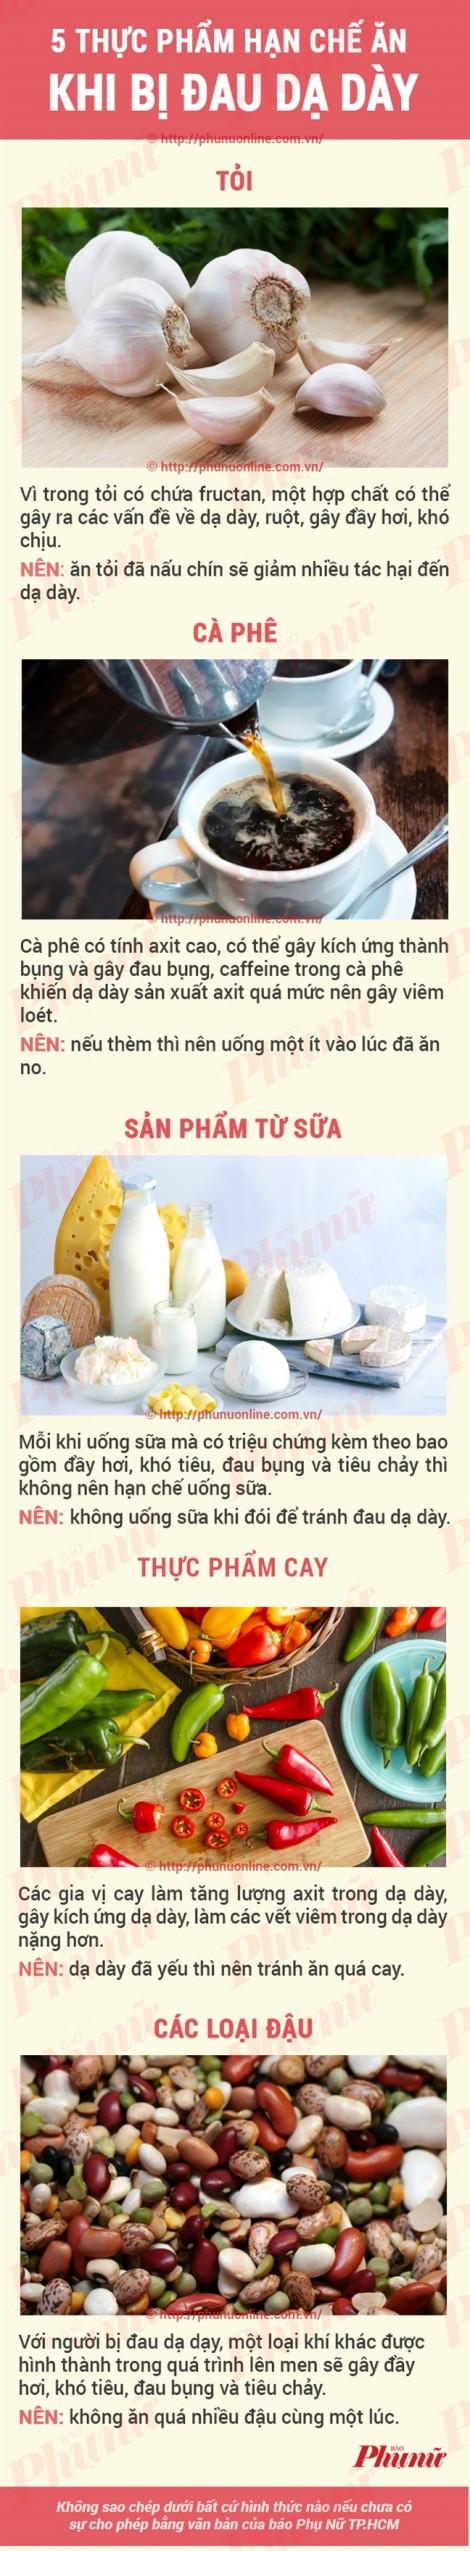 Những thực phẩm hạn chế ăn khi bị đau dạ dày